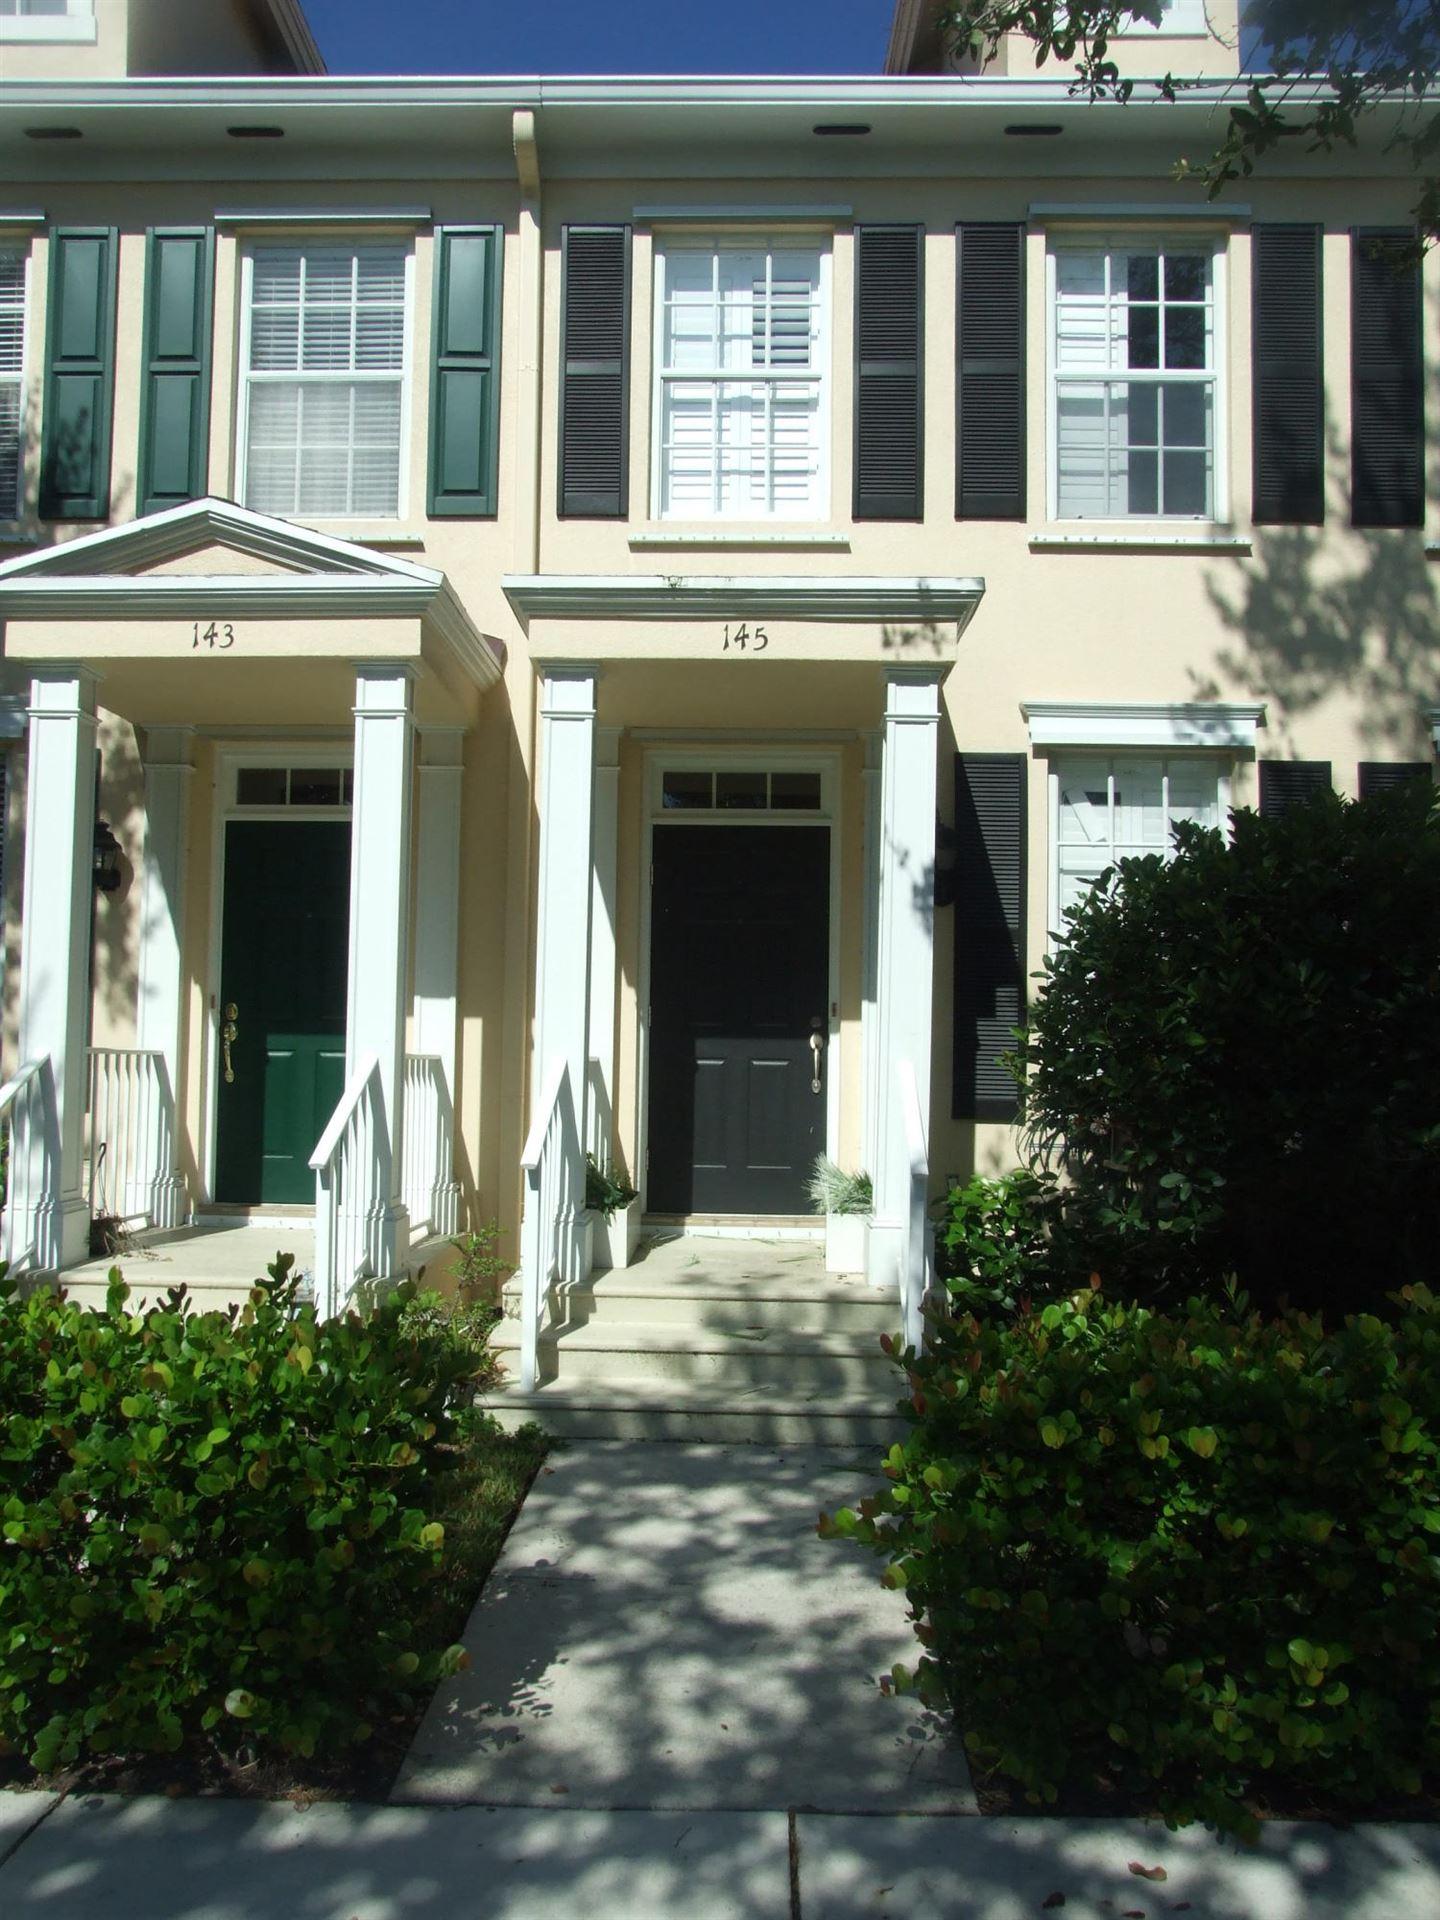 Photo of 145 Wentworth Court, Jupiter, FL 33458 (MLS # RX-10670578)